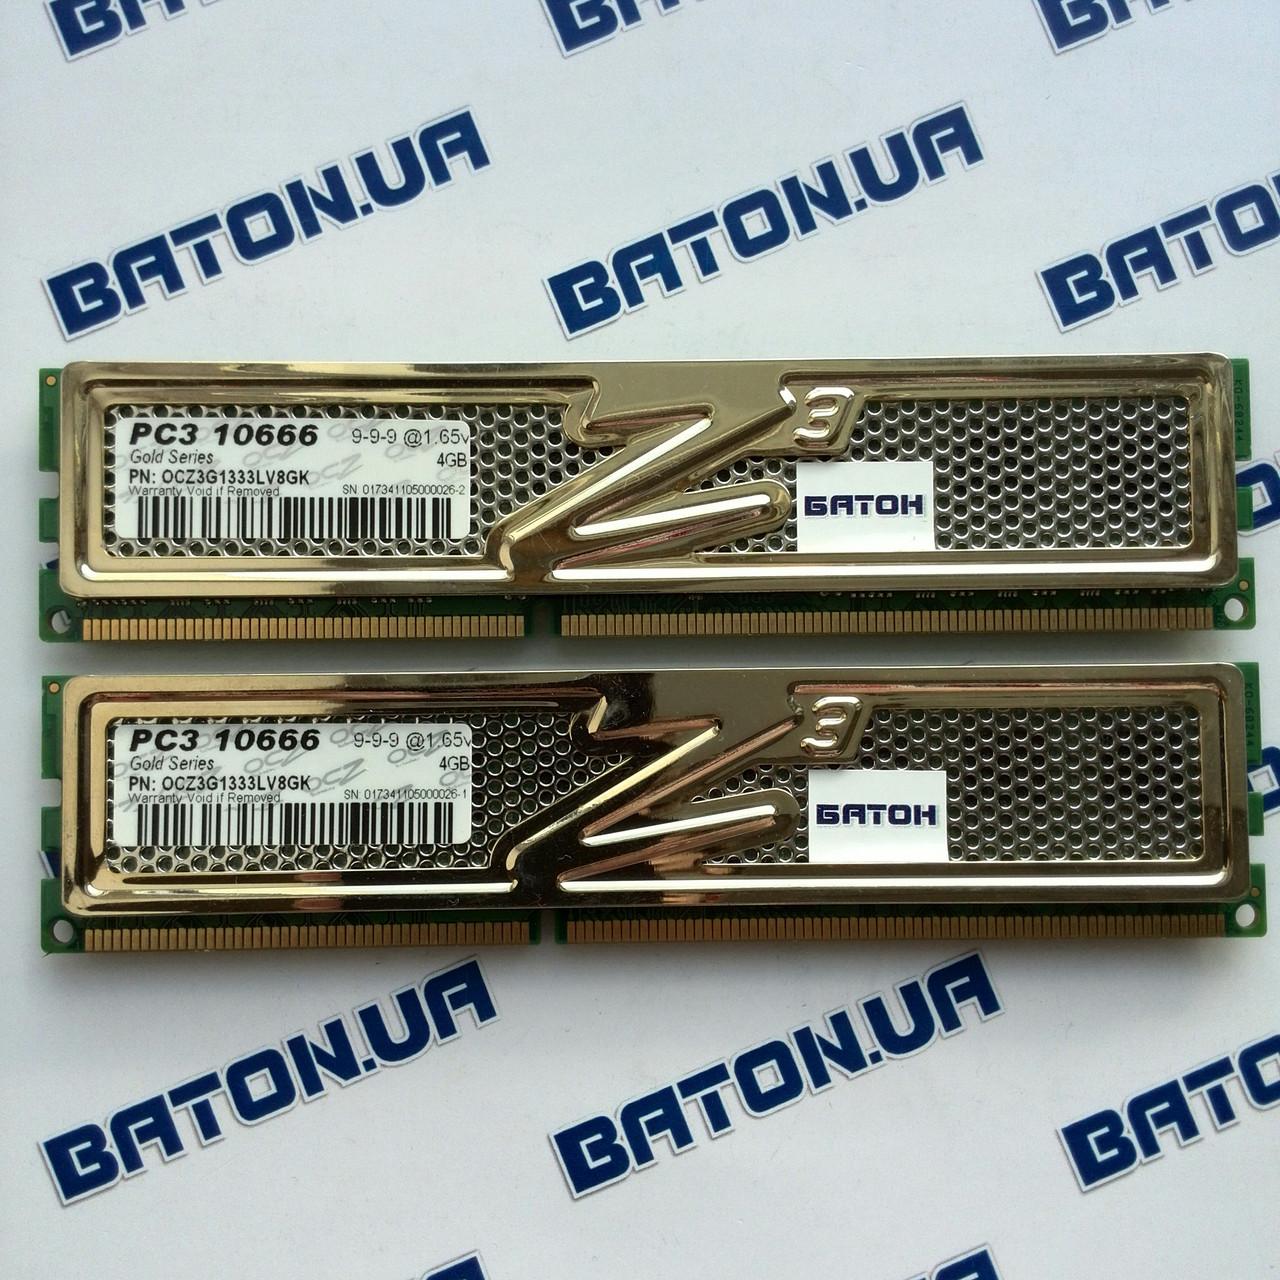 Игровая оперативная память OCZ Gold DDR3 8Gb KIT of 2 1333MHz PC3 10600U CL9 (OCZ3G1333LV8GK)